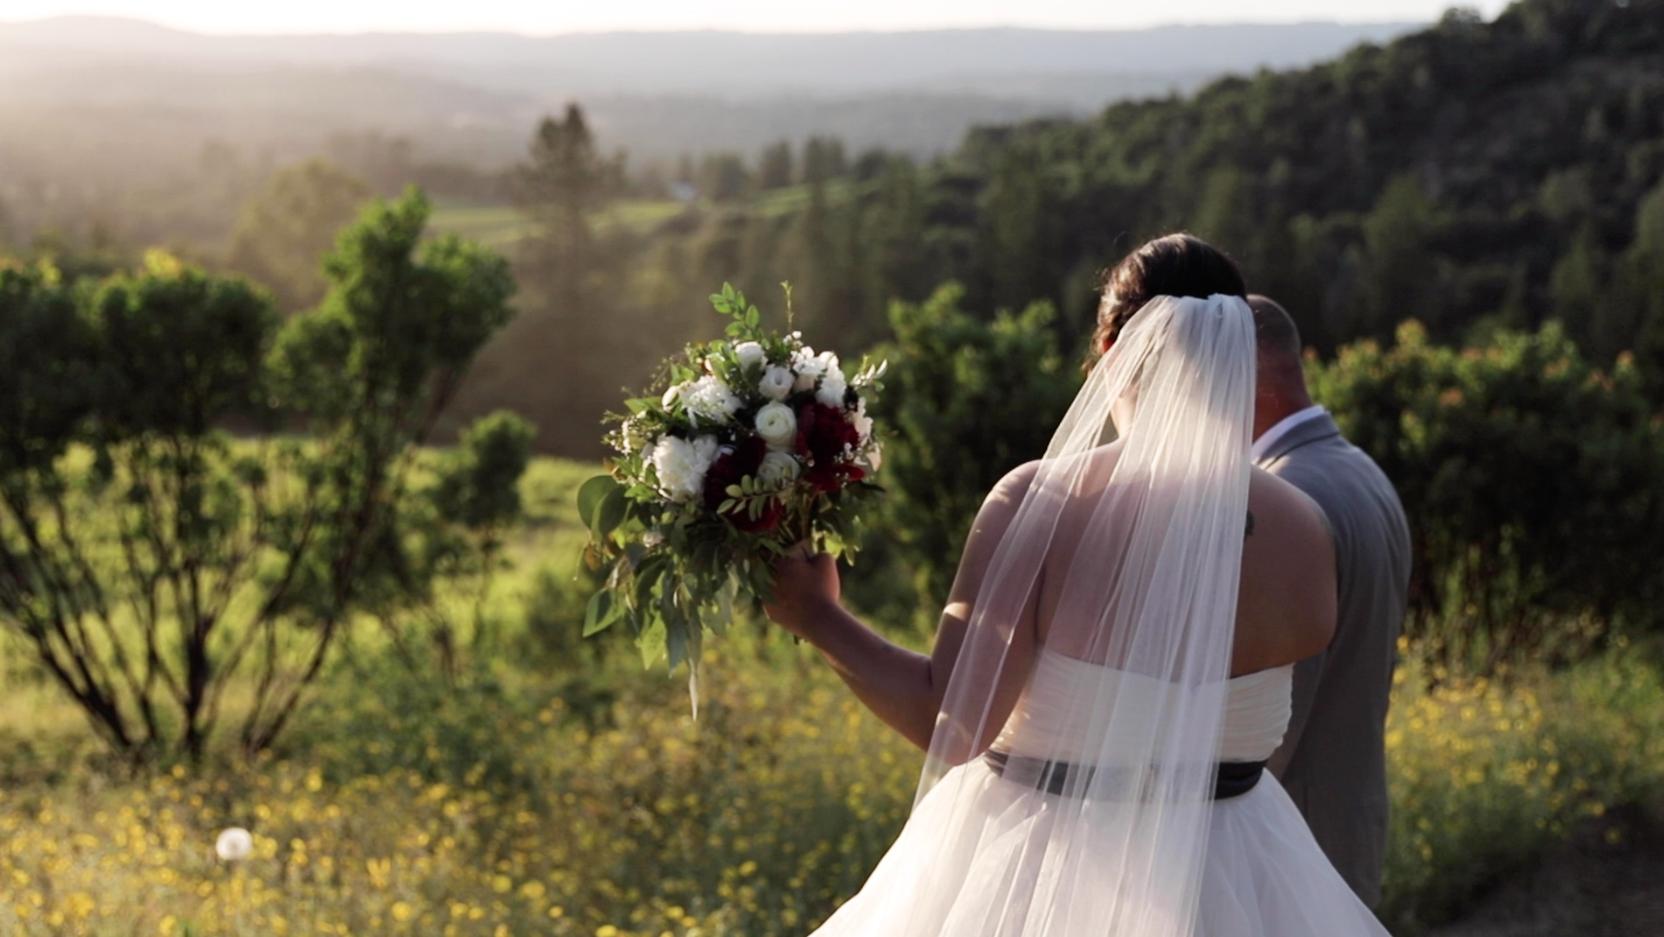 Wedding Sunset Video on Mountain